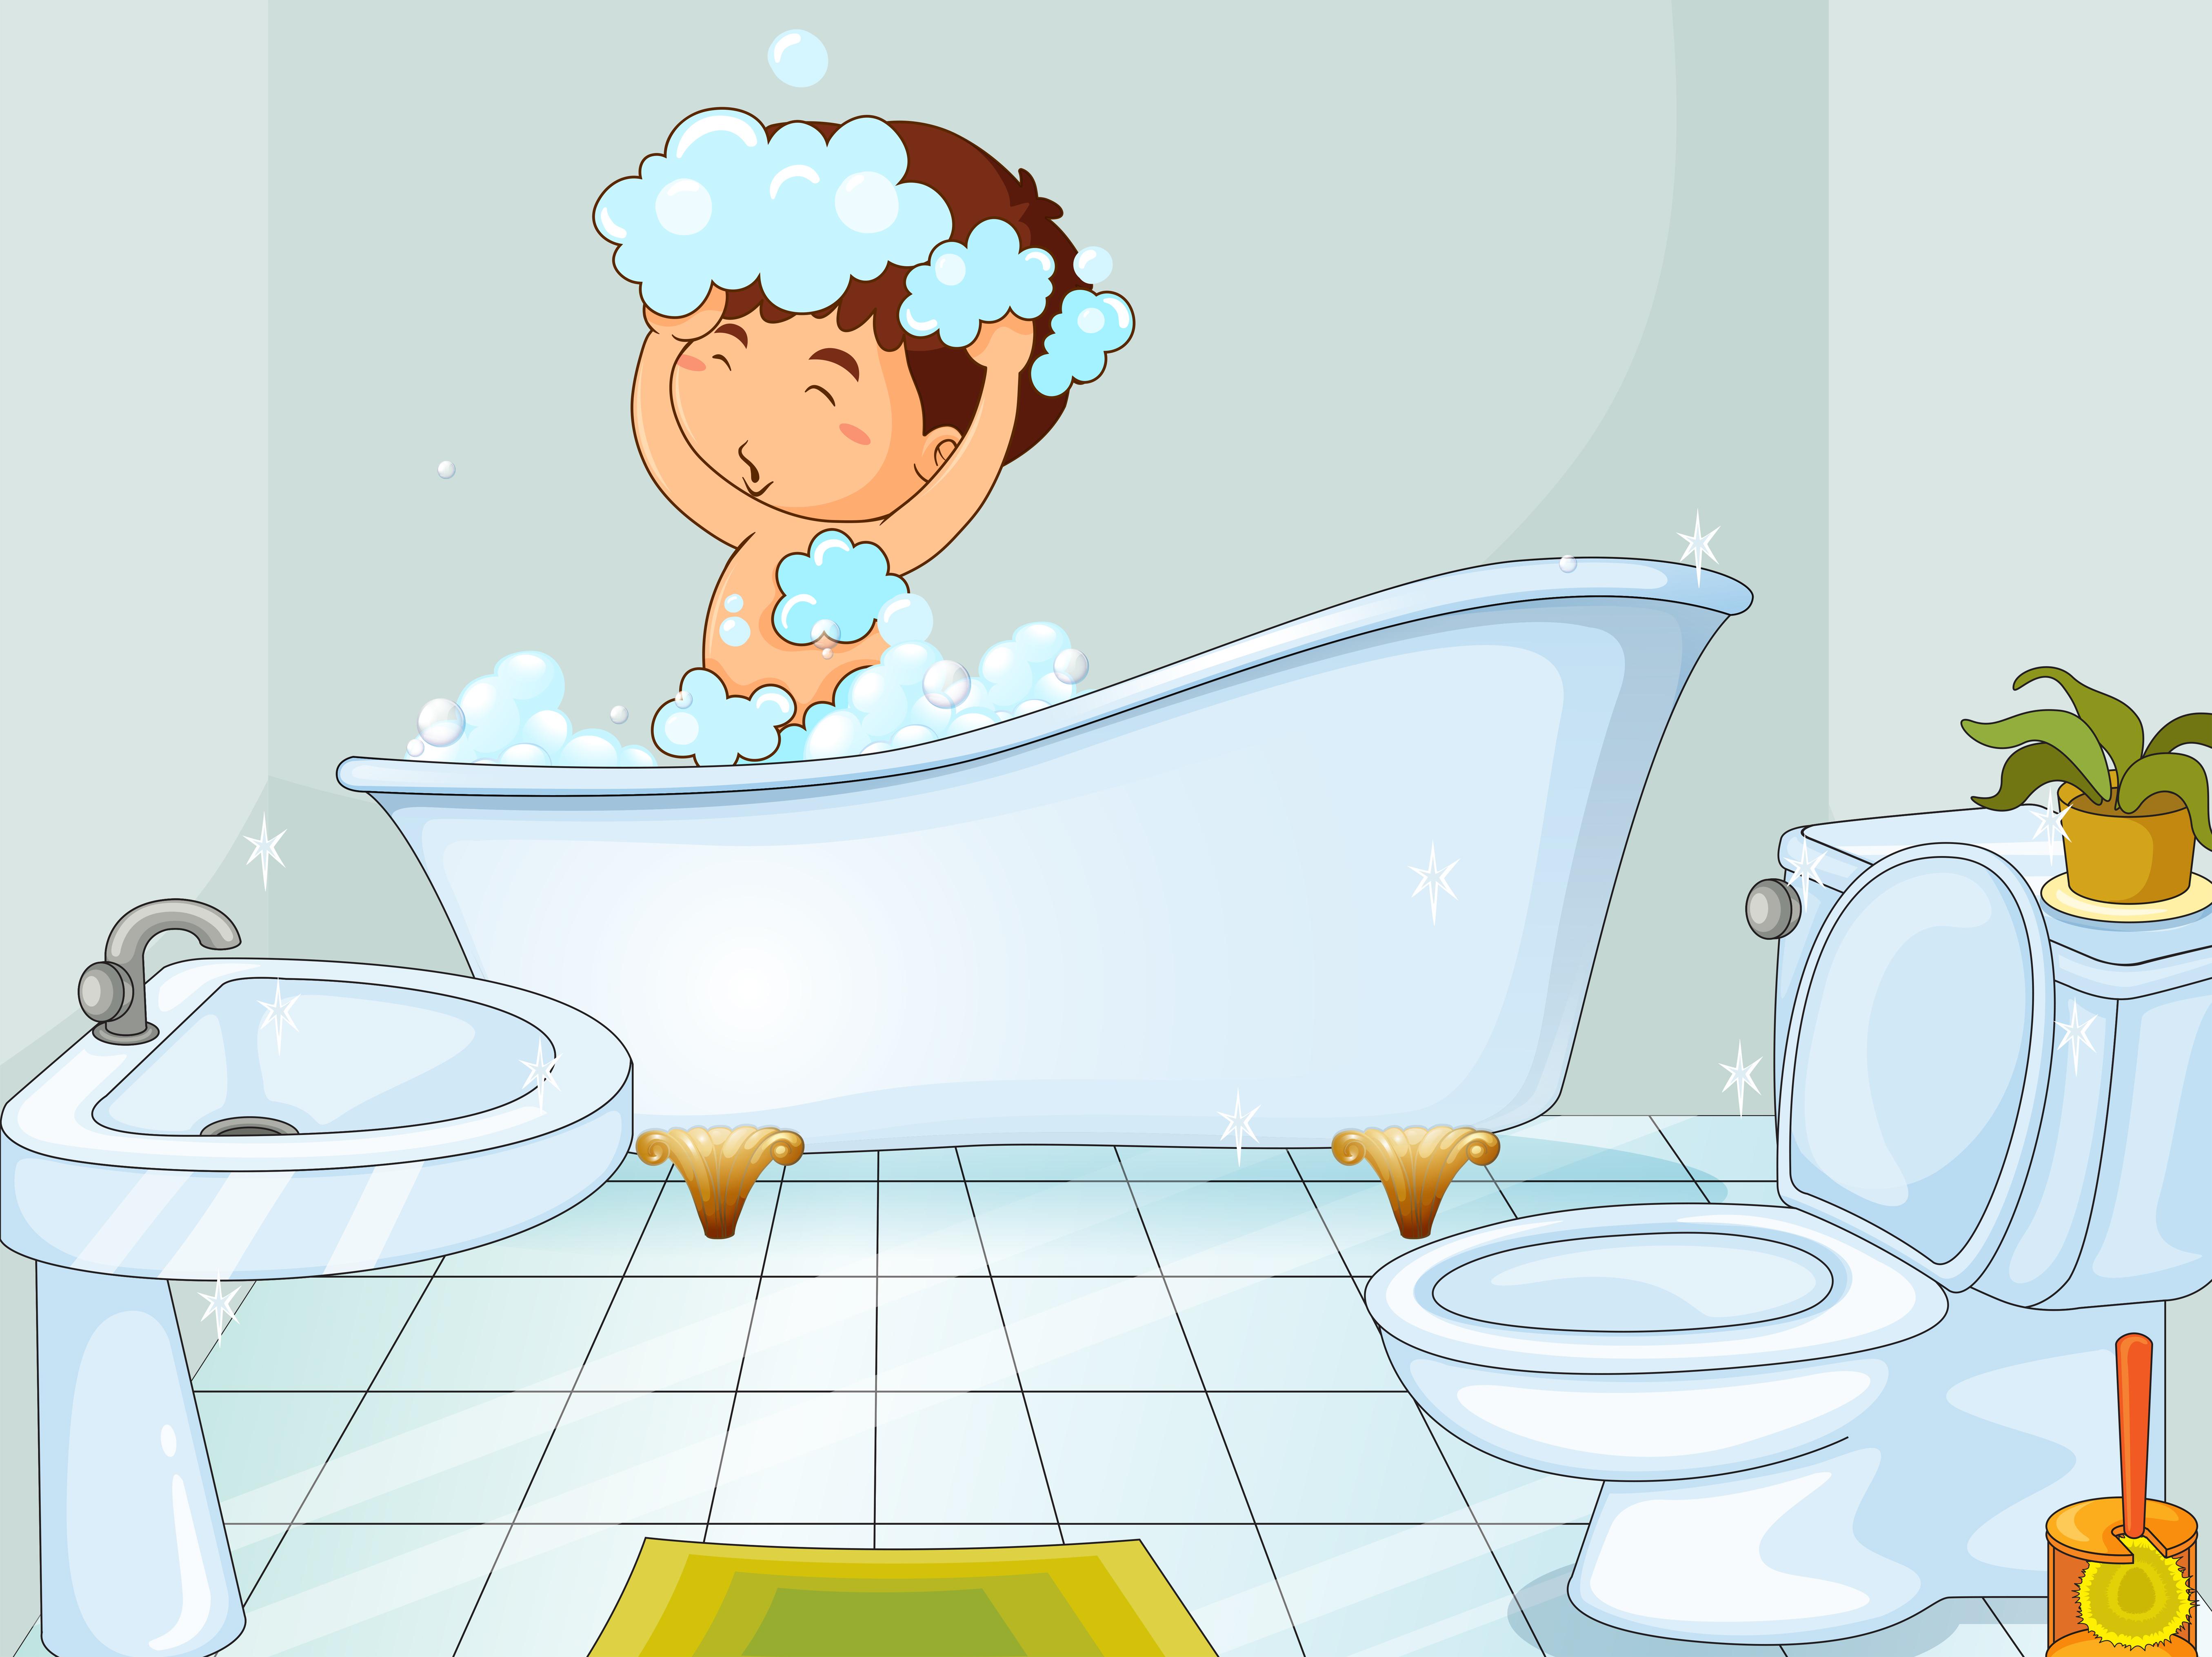 Boy taking bath in bathroom - Download Free Vectors ...